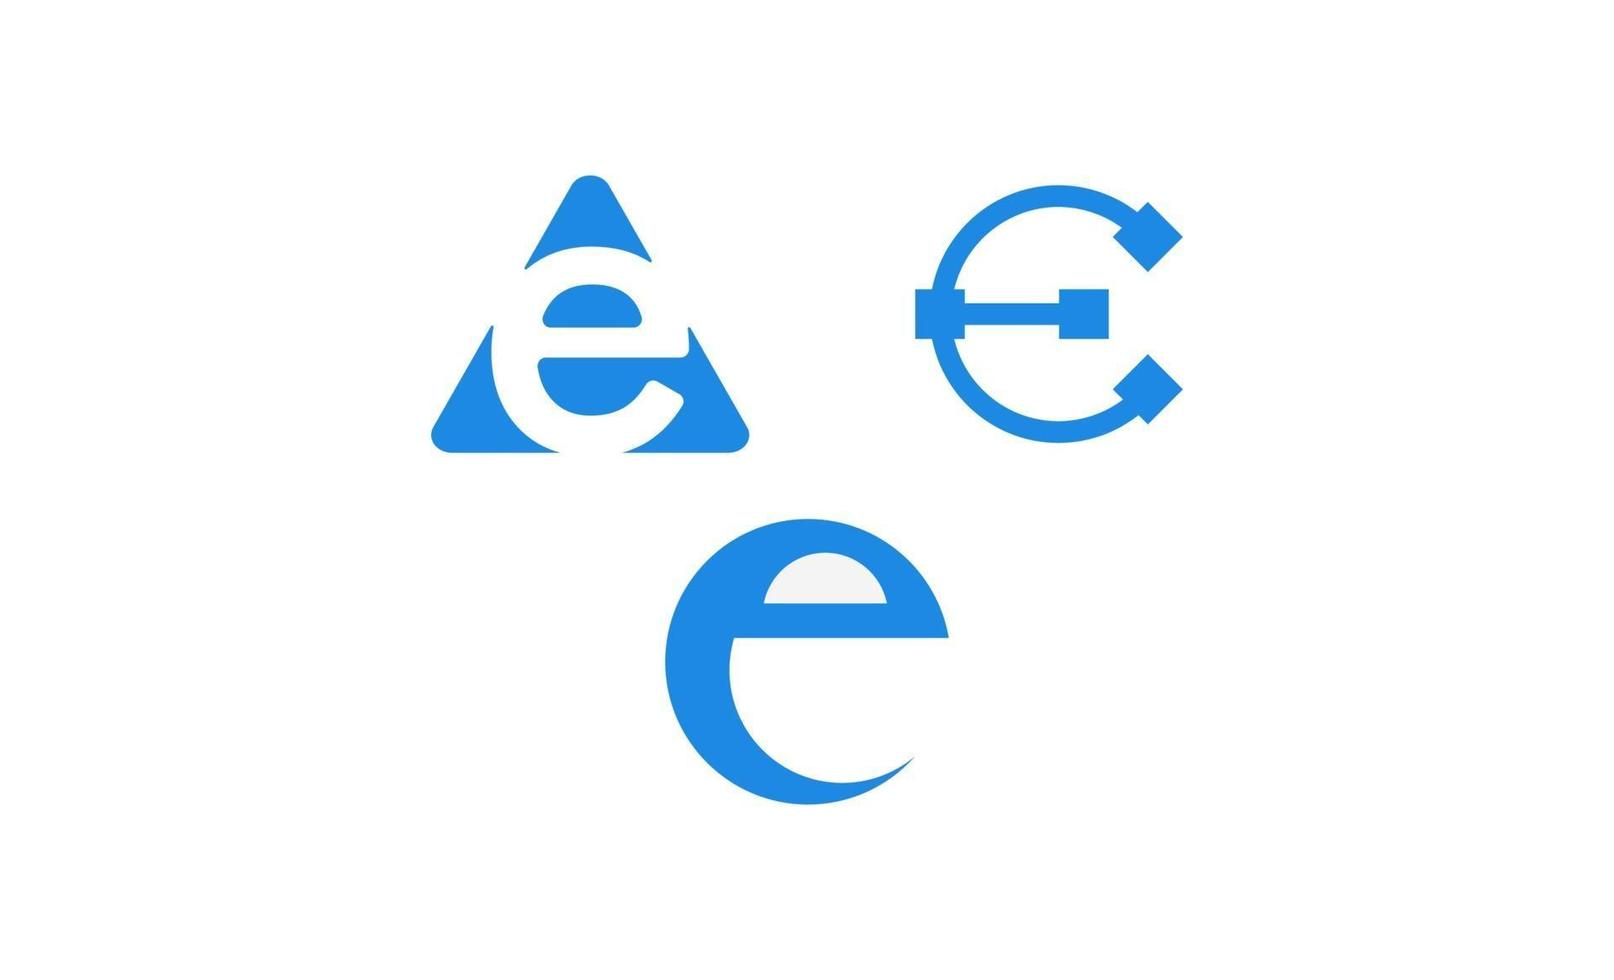 första e-logotypen designmallvektor vektor